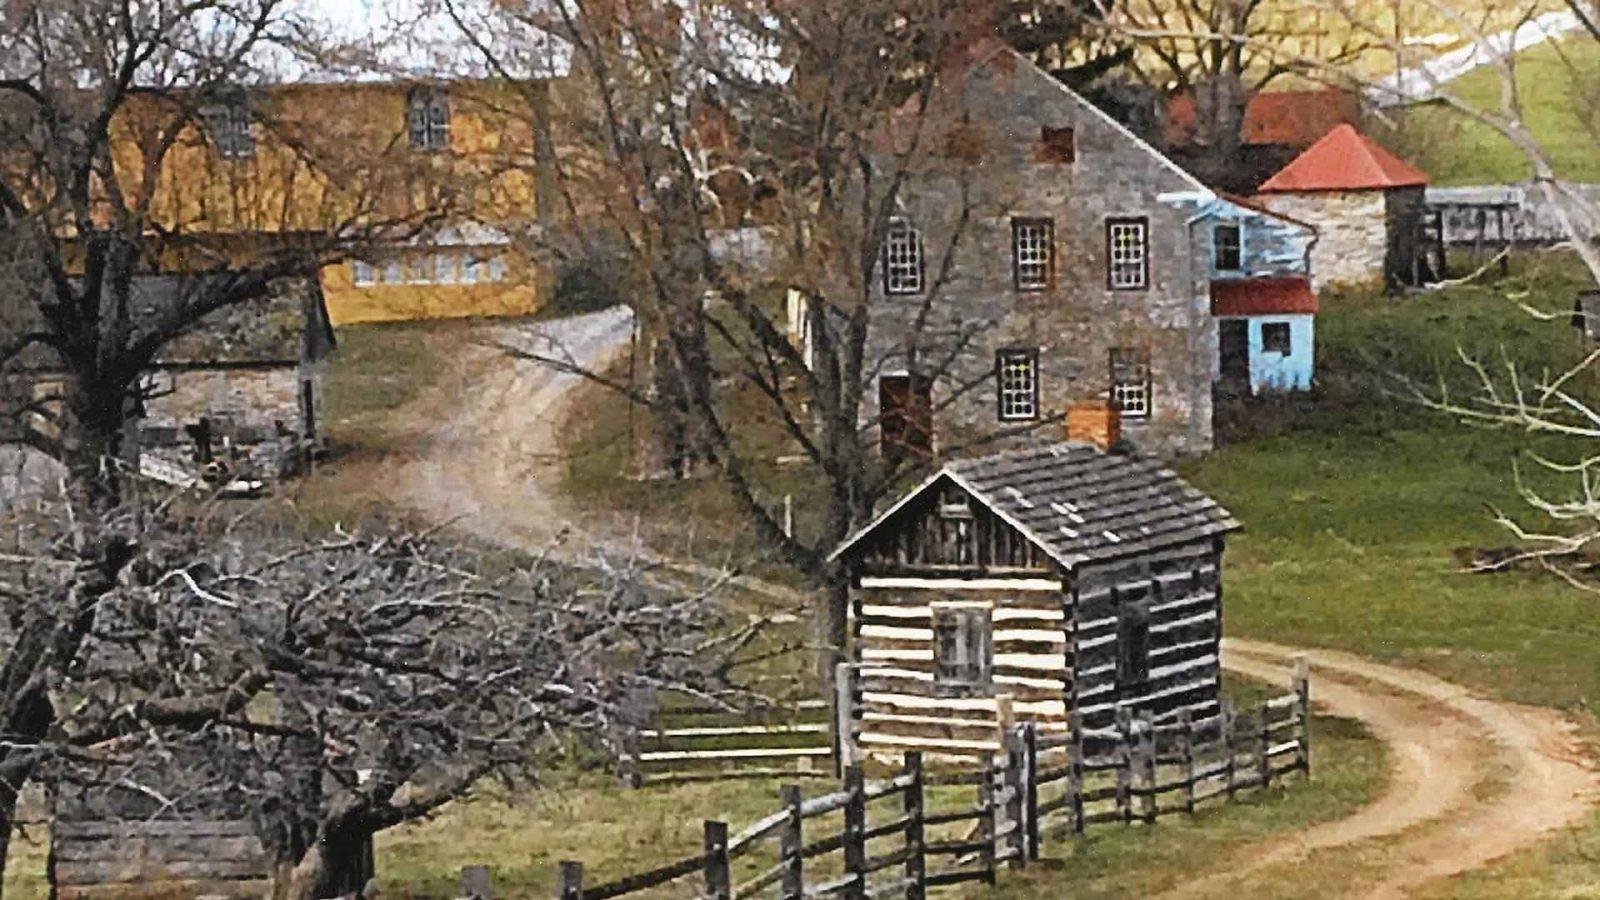 Historic Schaefferstown